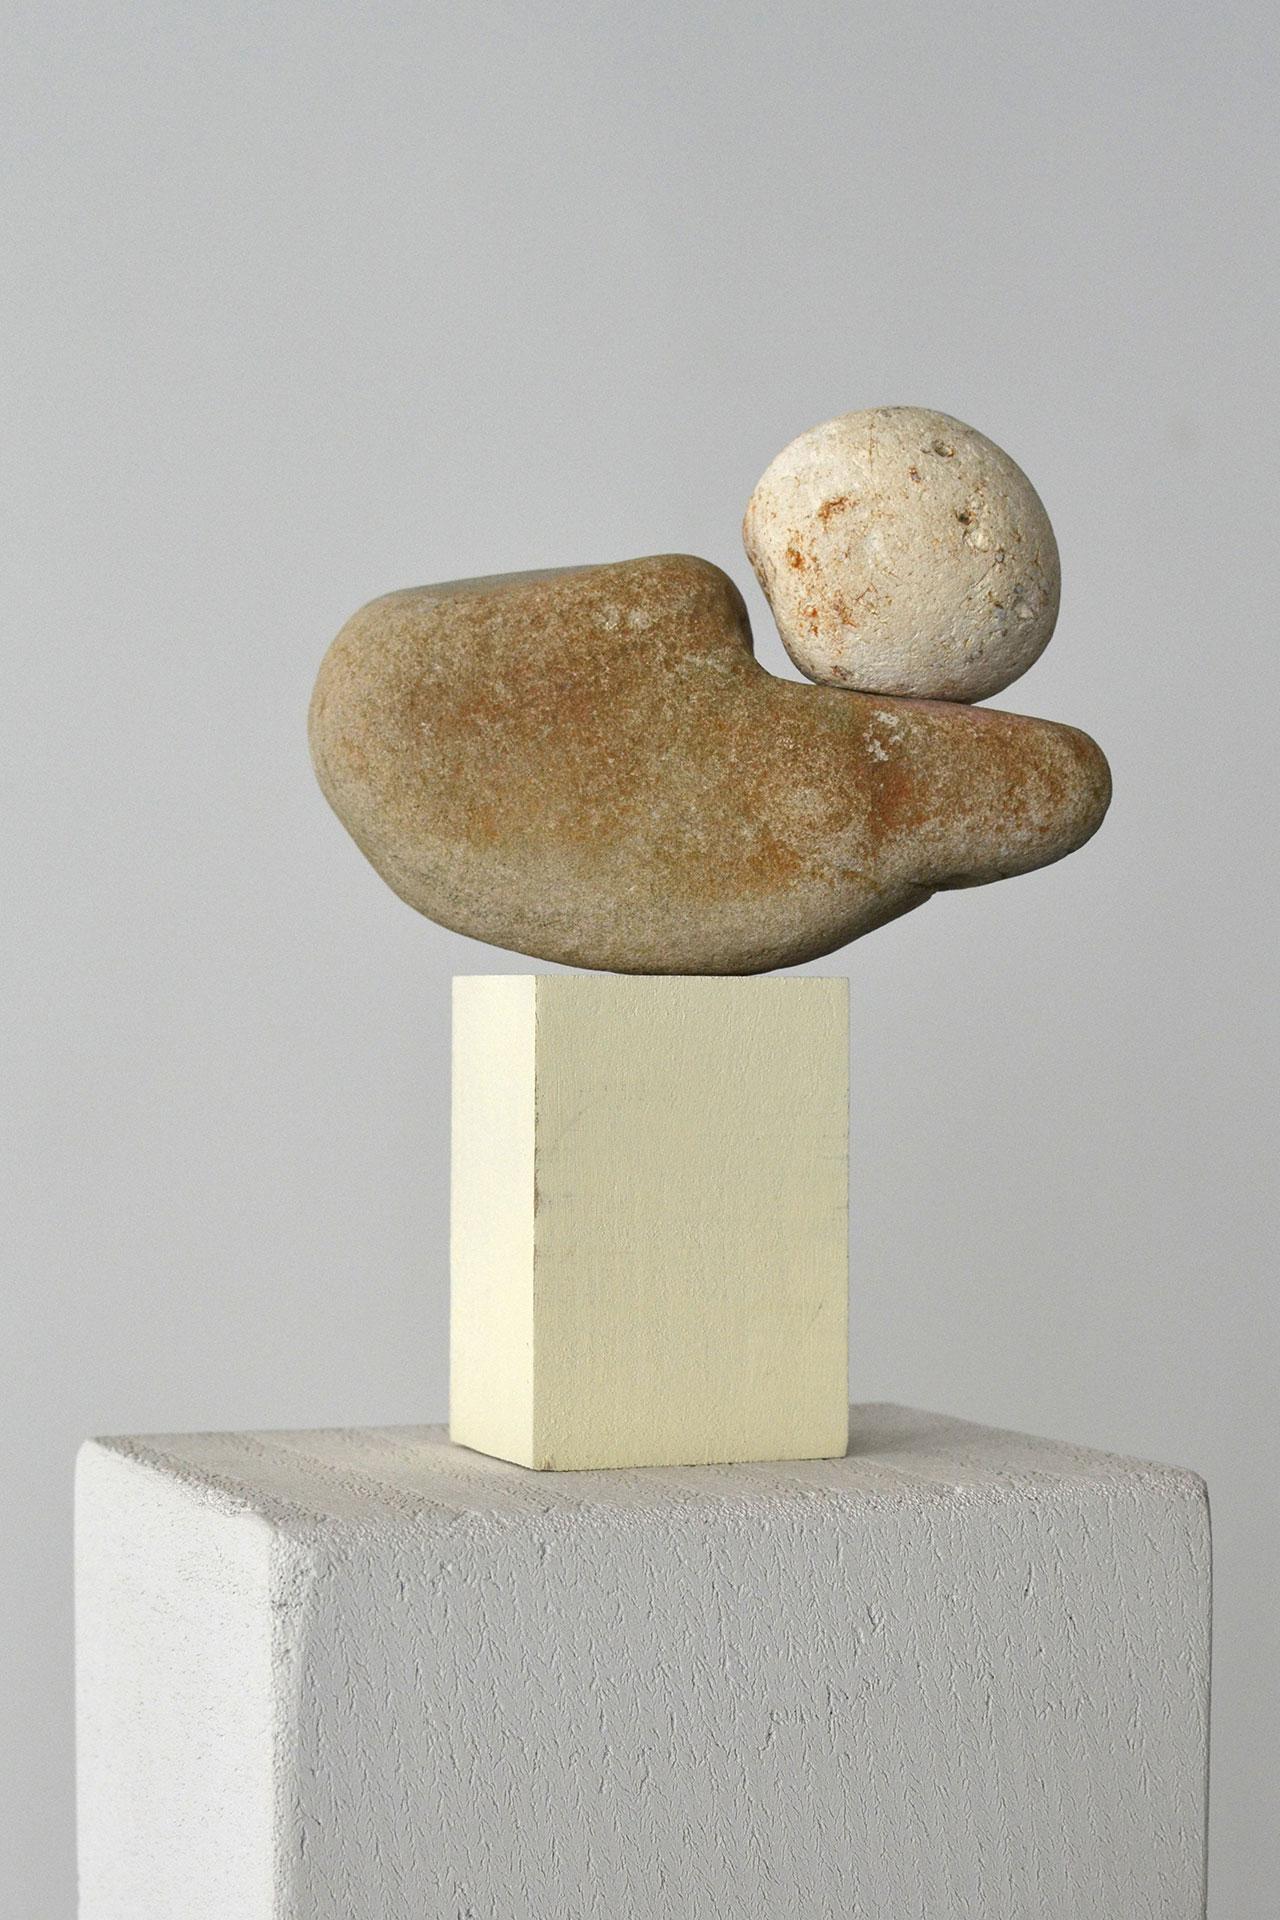 Babs Decruyenaere,Sculpture II Photo: Babs Decruyenaere